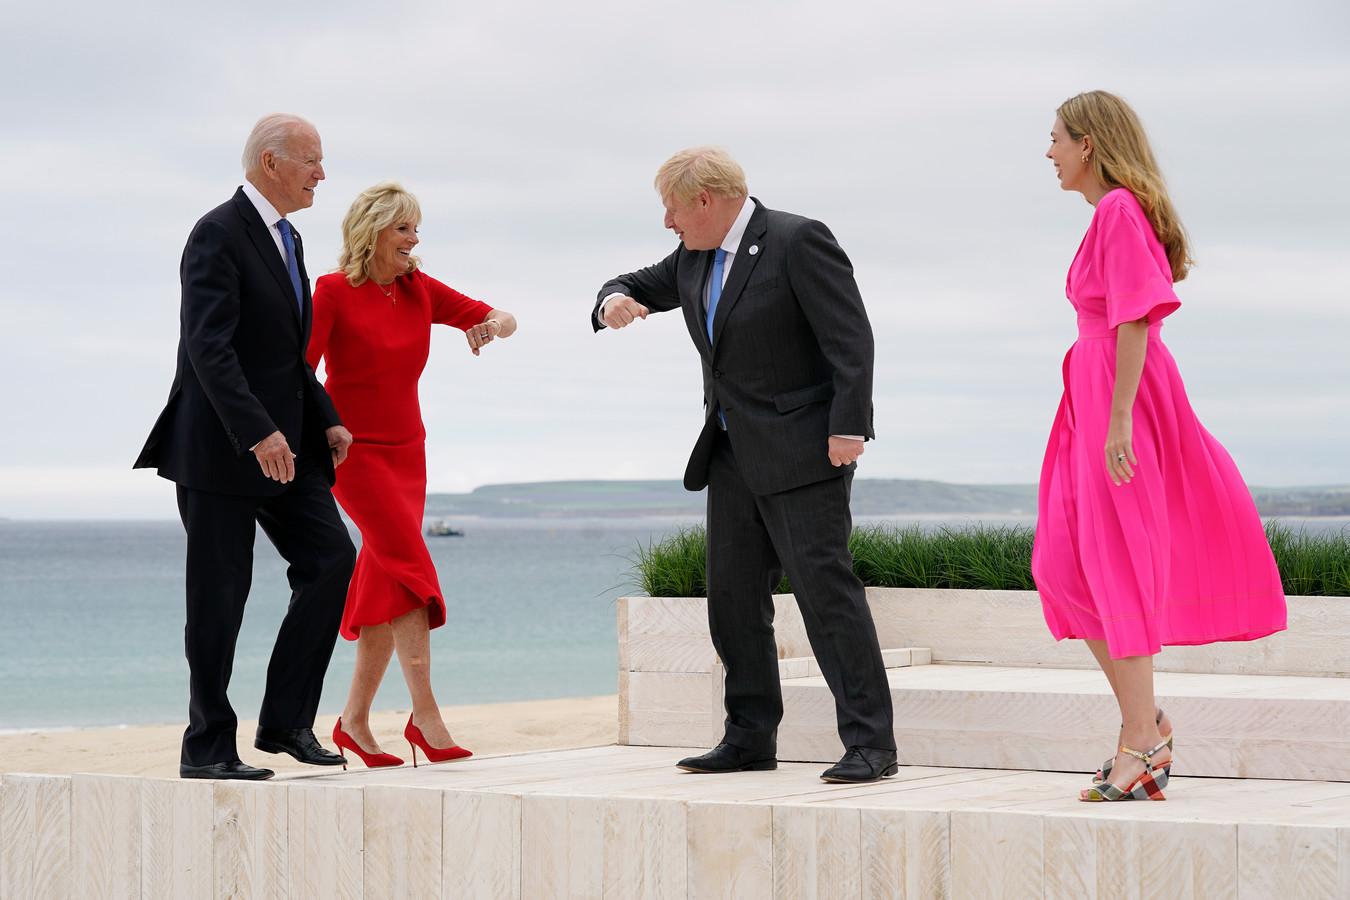 Le président américain Joe Biden et son épouse Jill Biden, avec le Premier ministre américain Boris Johnson et sa compagne Carrie Johnson.